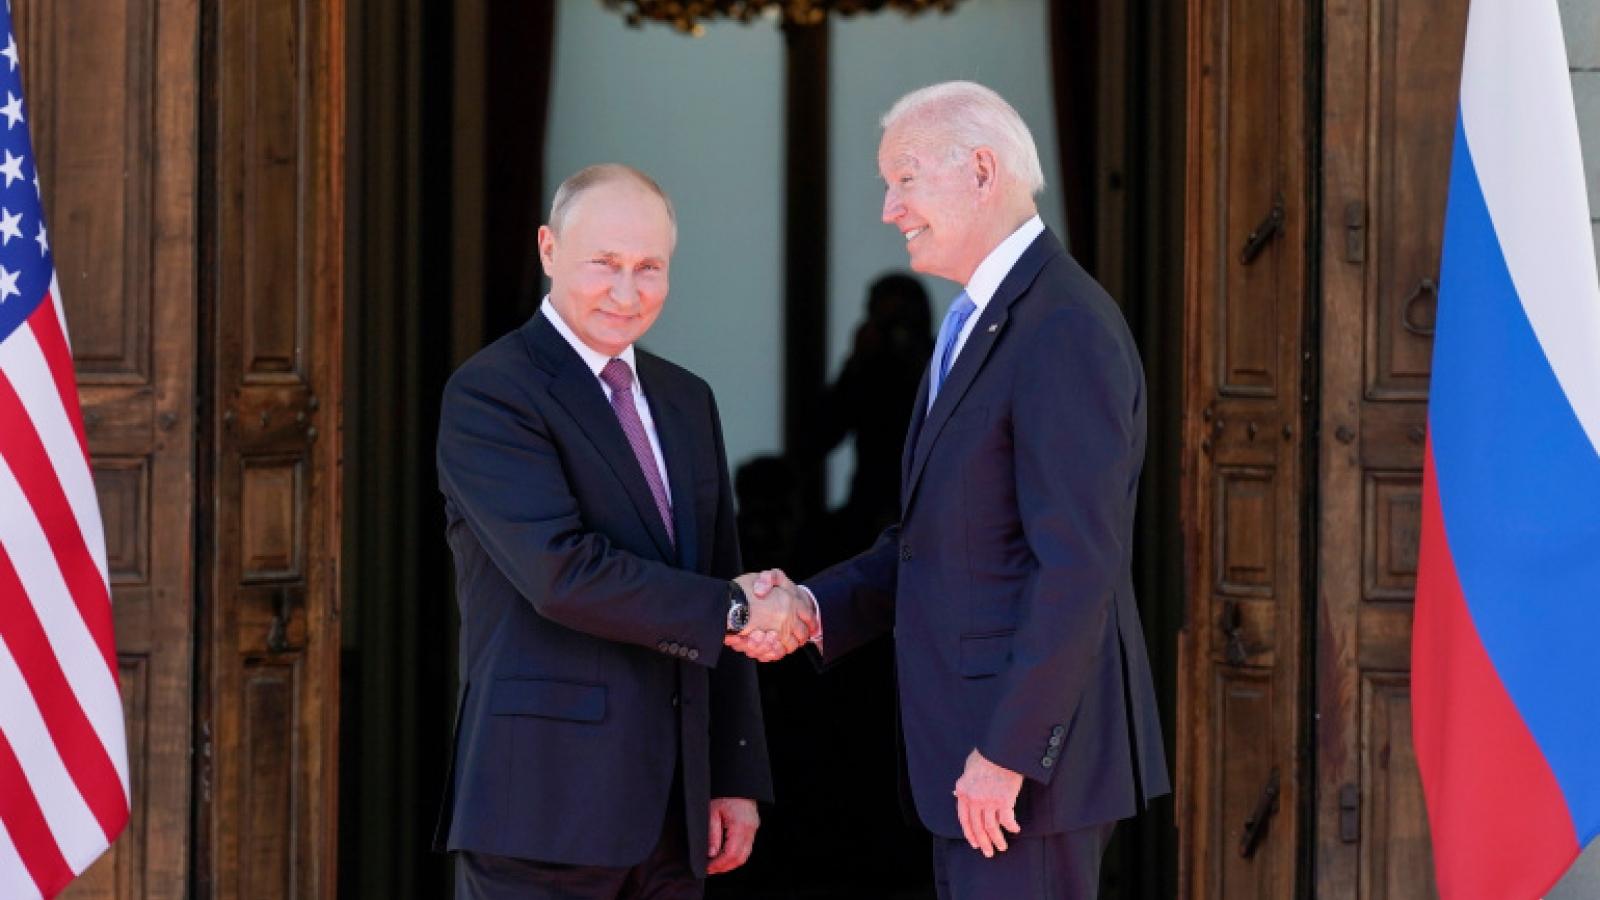 Liệu Biden và Putin có thể xoa dịu nguy cơ chiến tranh hạt nhân như Reagan và Gorbachev?